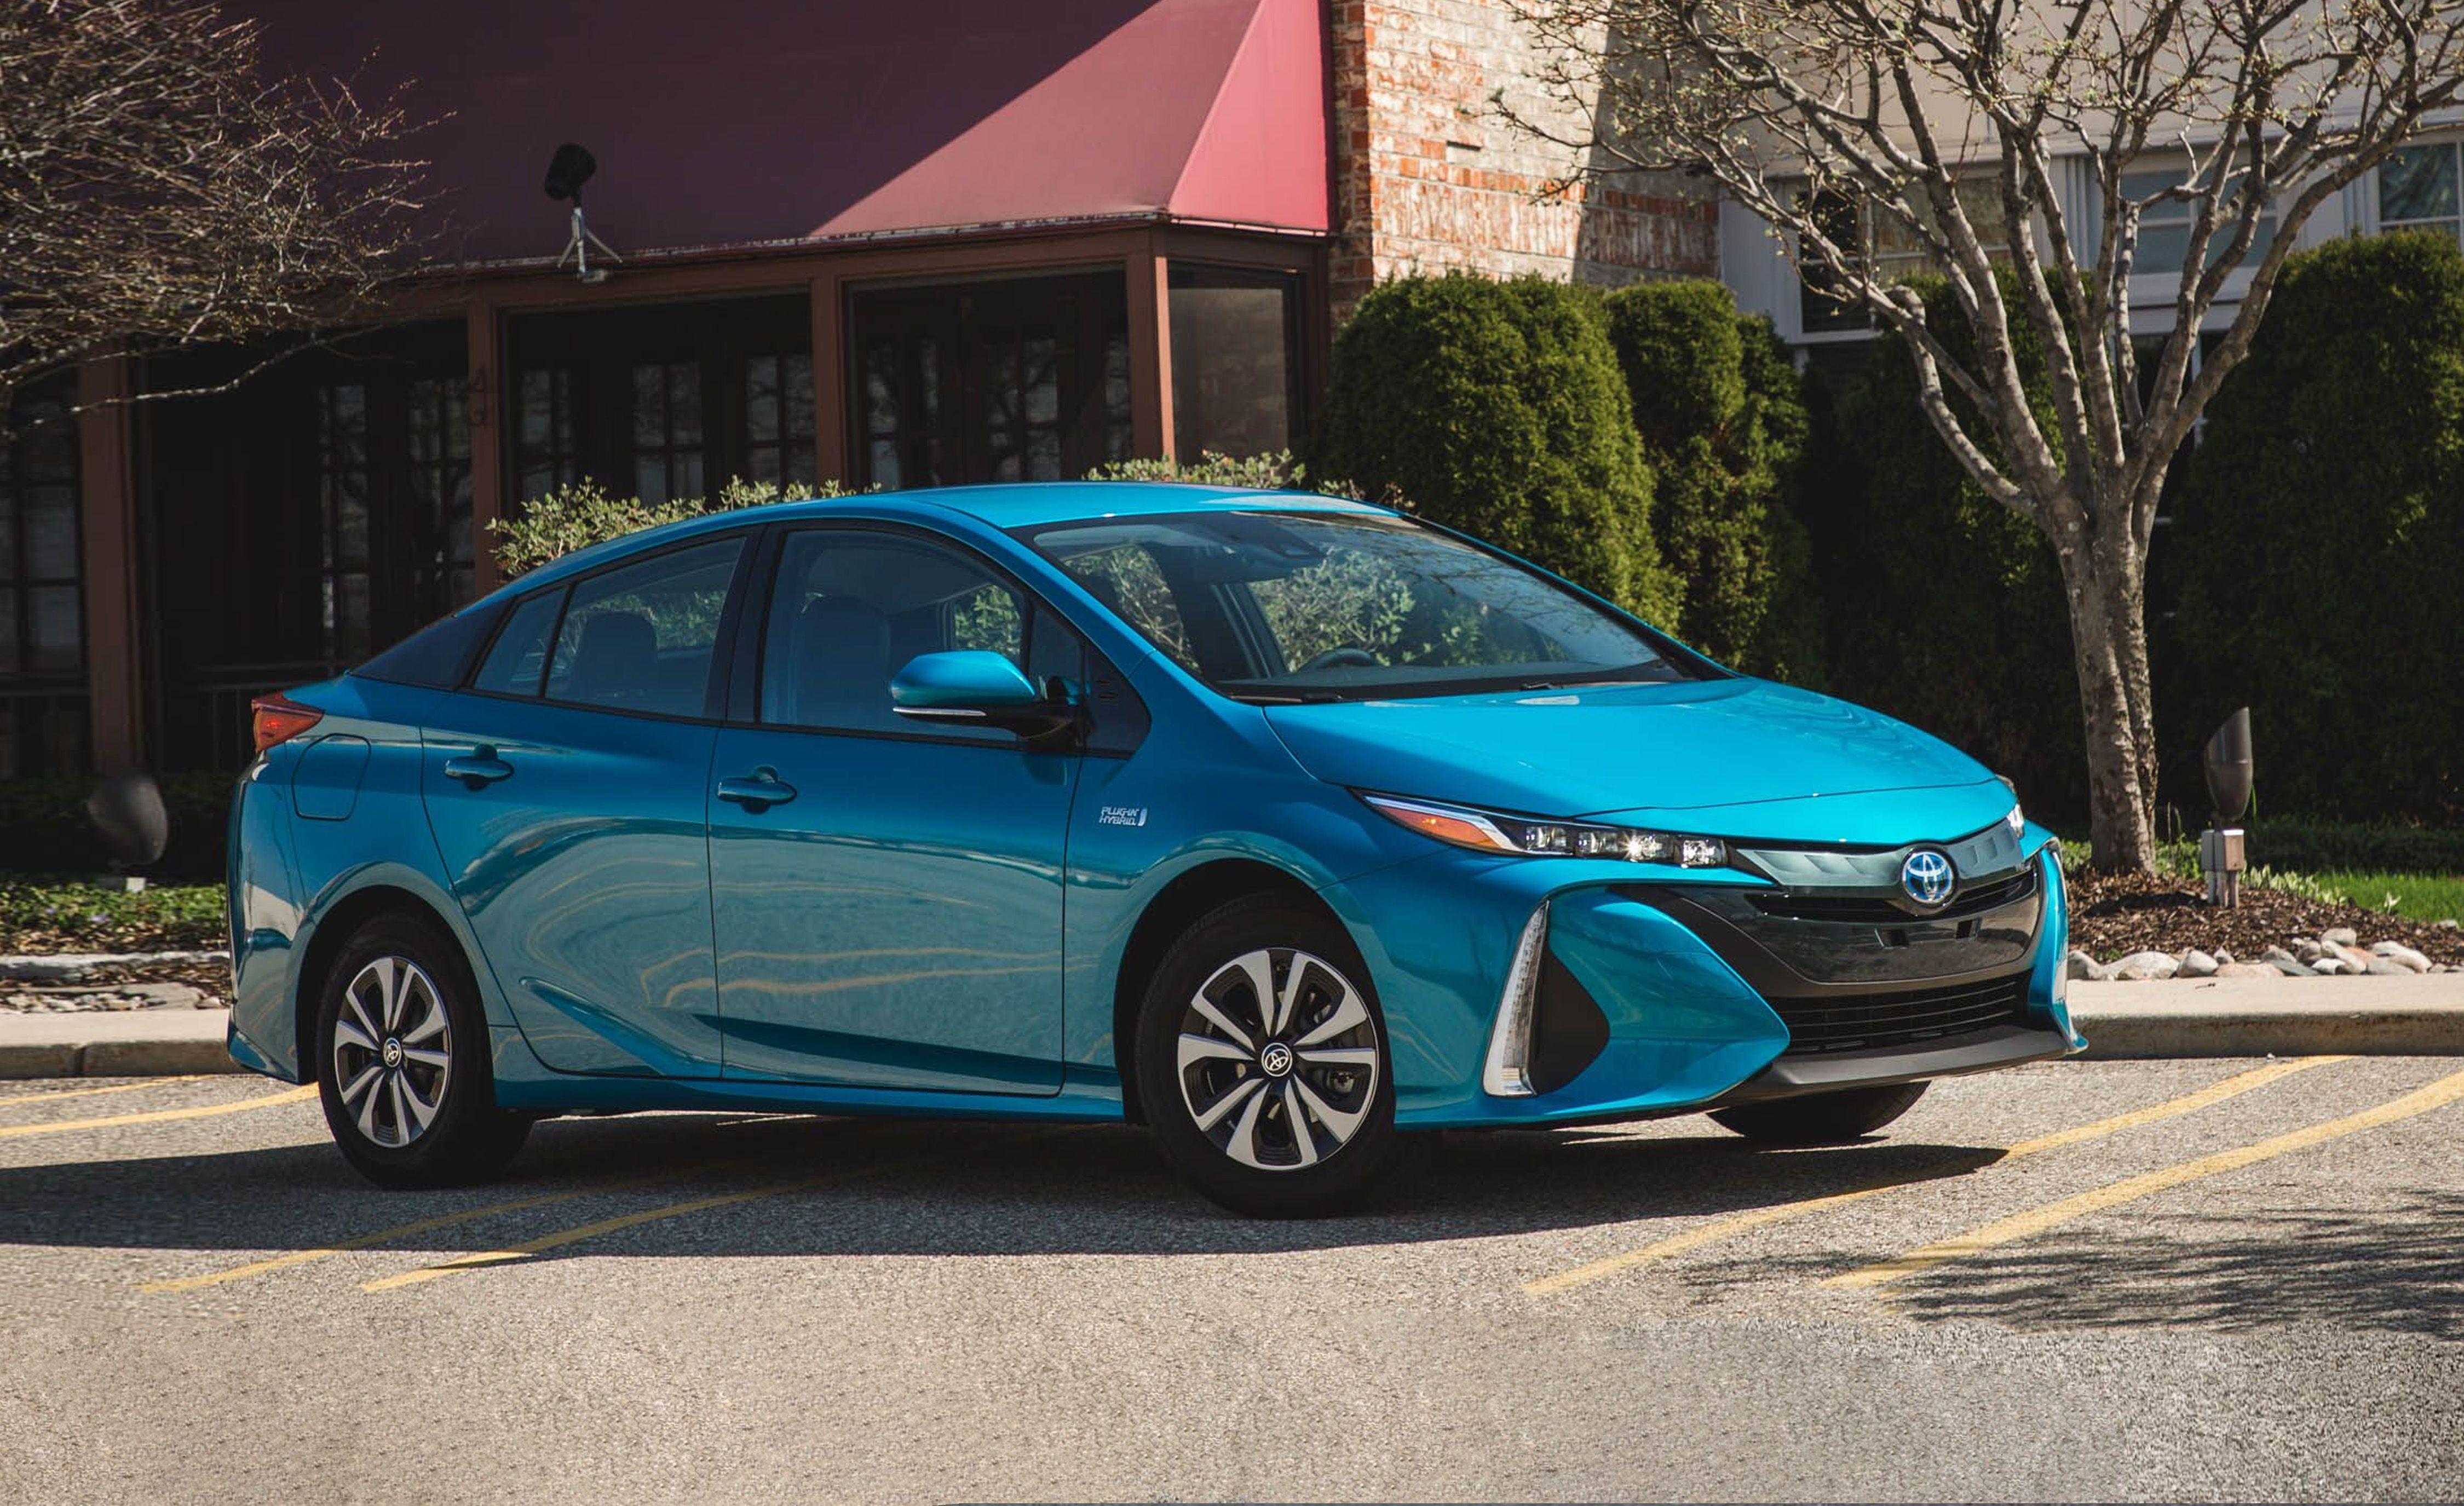 Toyota prius prime mpg